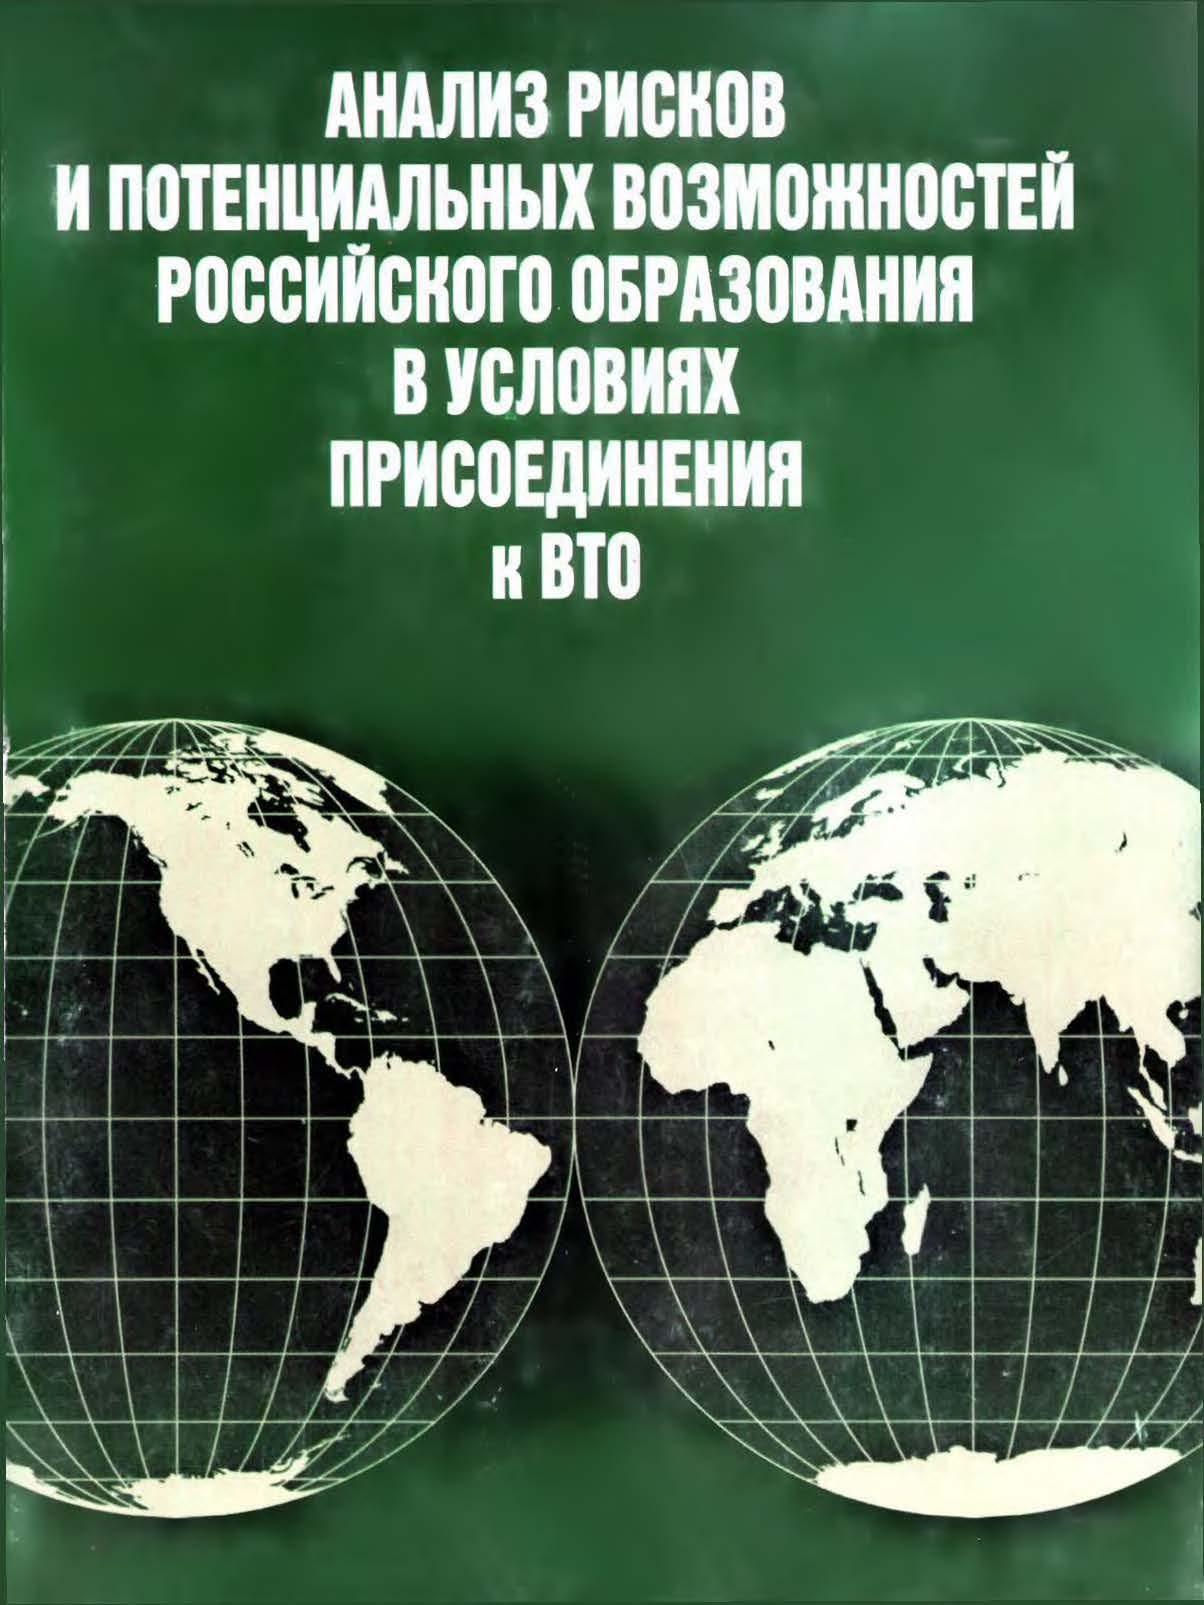 Анализ рисков и потенциальных возможностей российского образования в условиях присоединения к ВТО